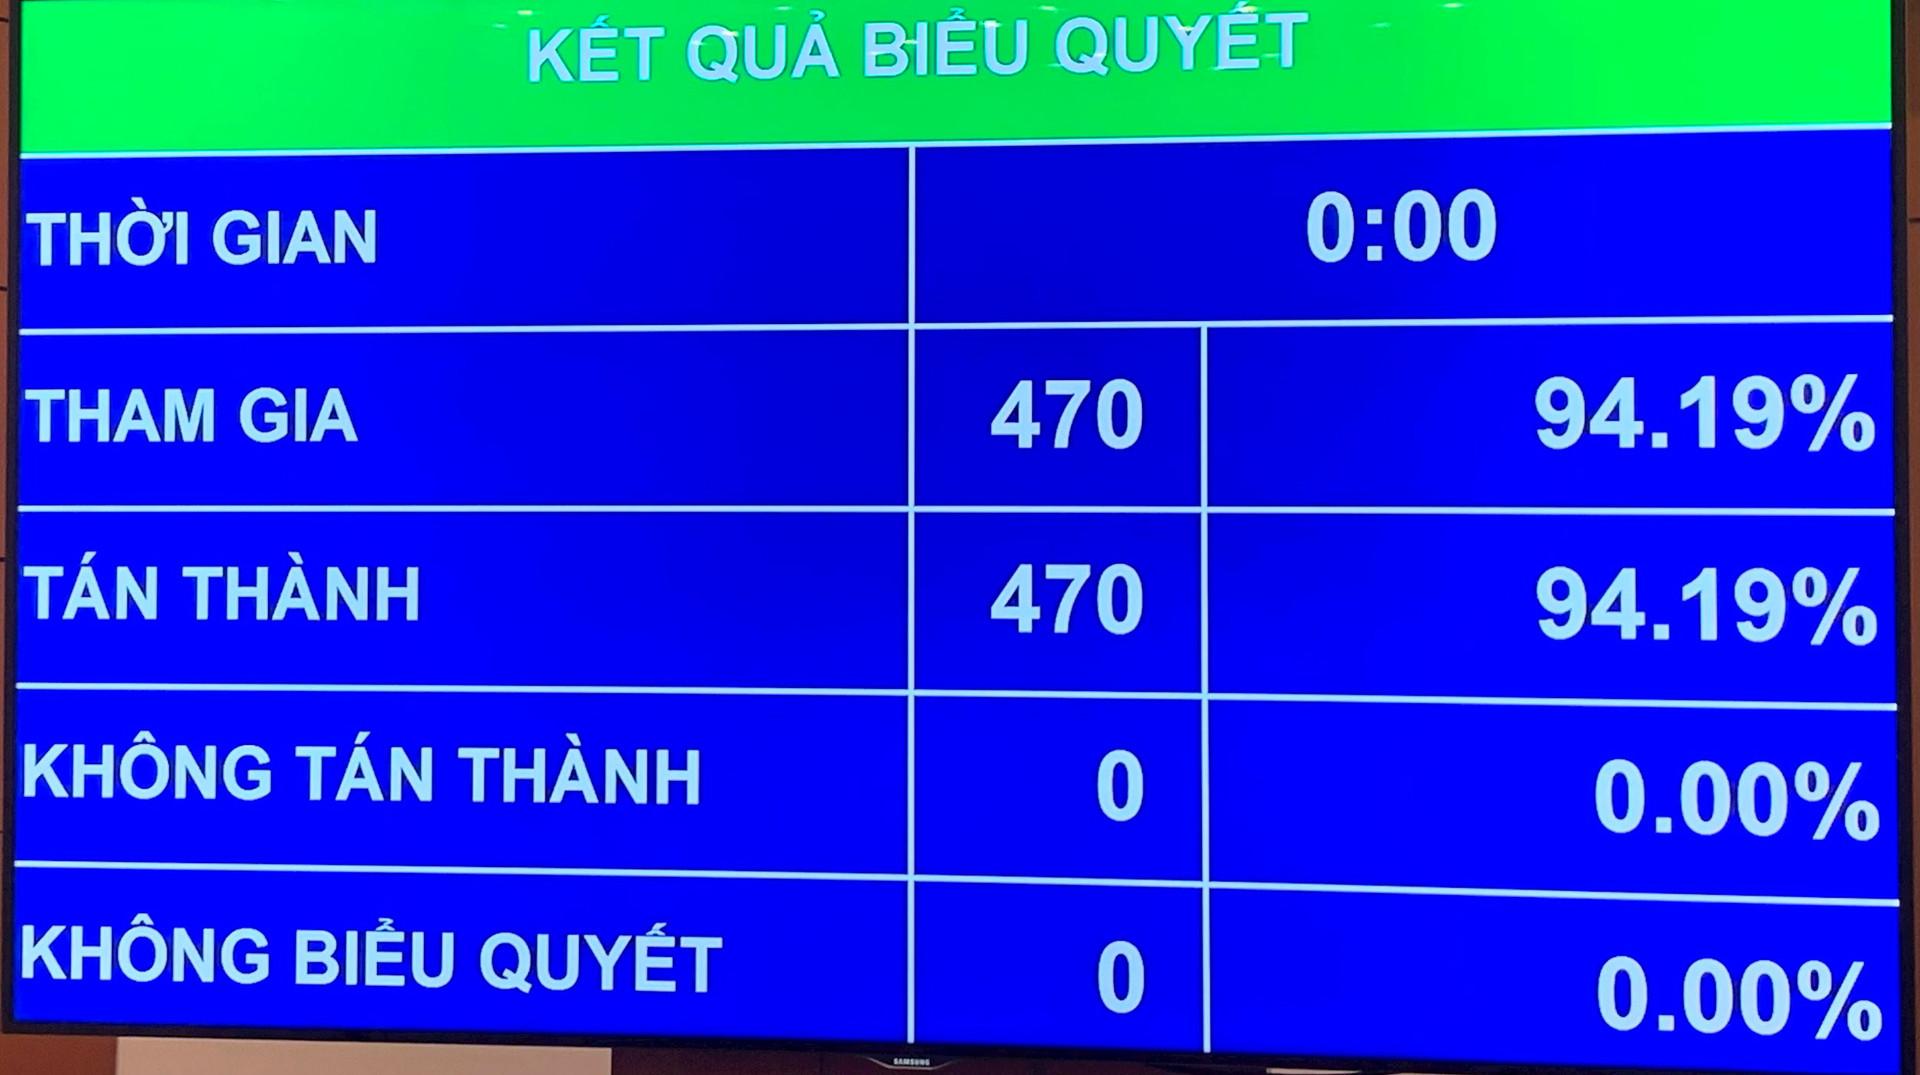 100-dai-bieu-quoc-hoi-tan-thanh-chinh-phu-nhiem-ky-xv-co-22-bo-nganh-1.jpg